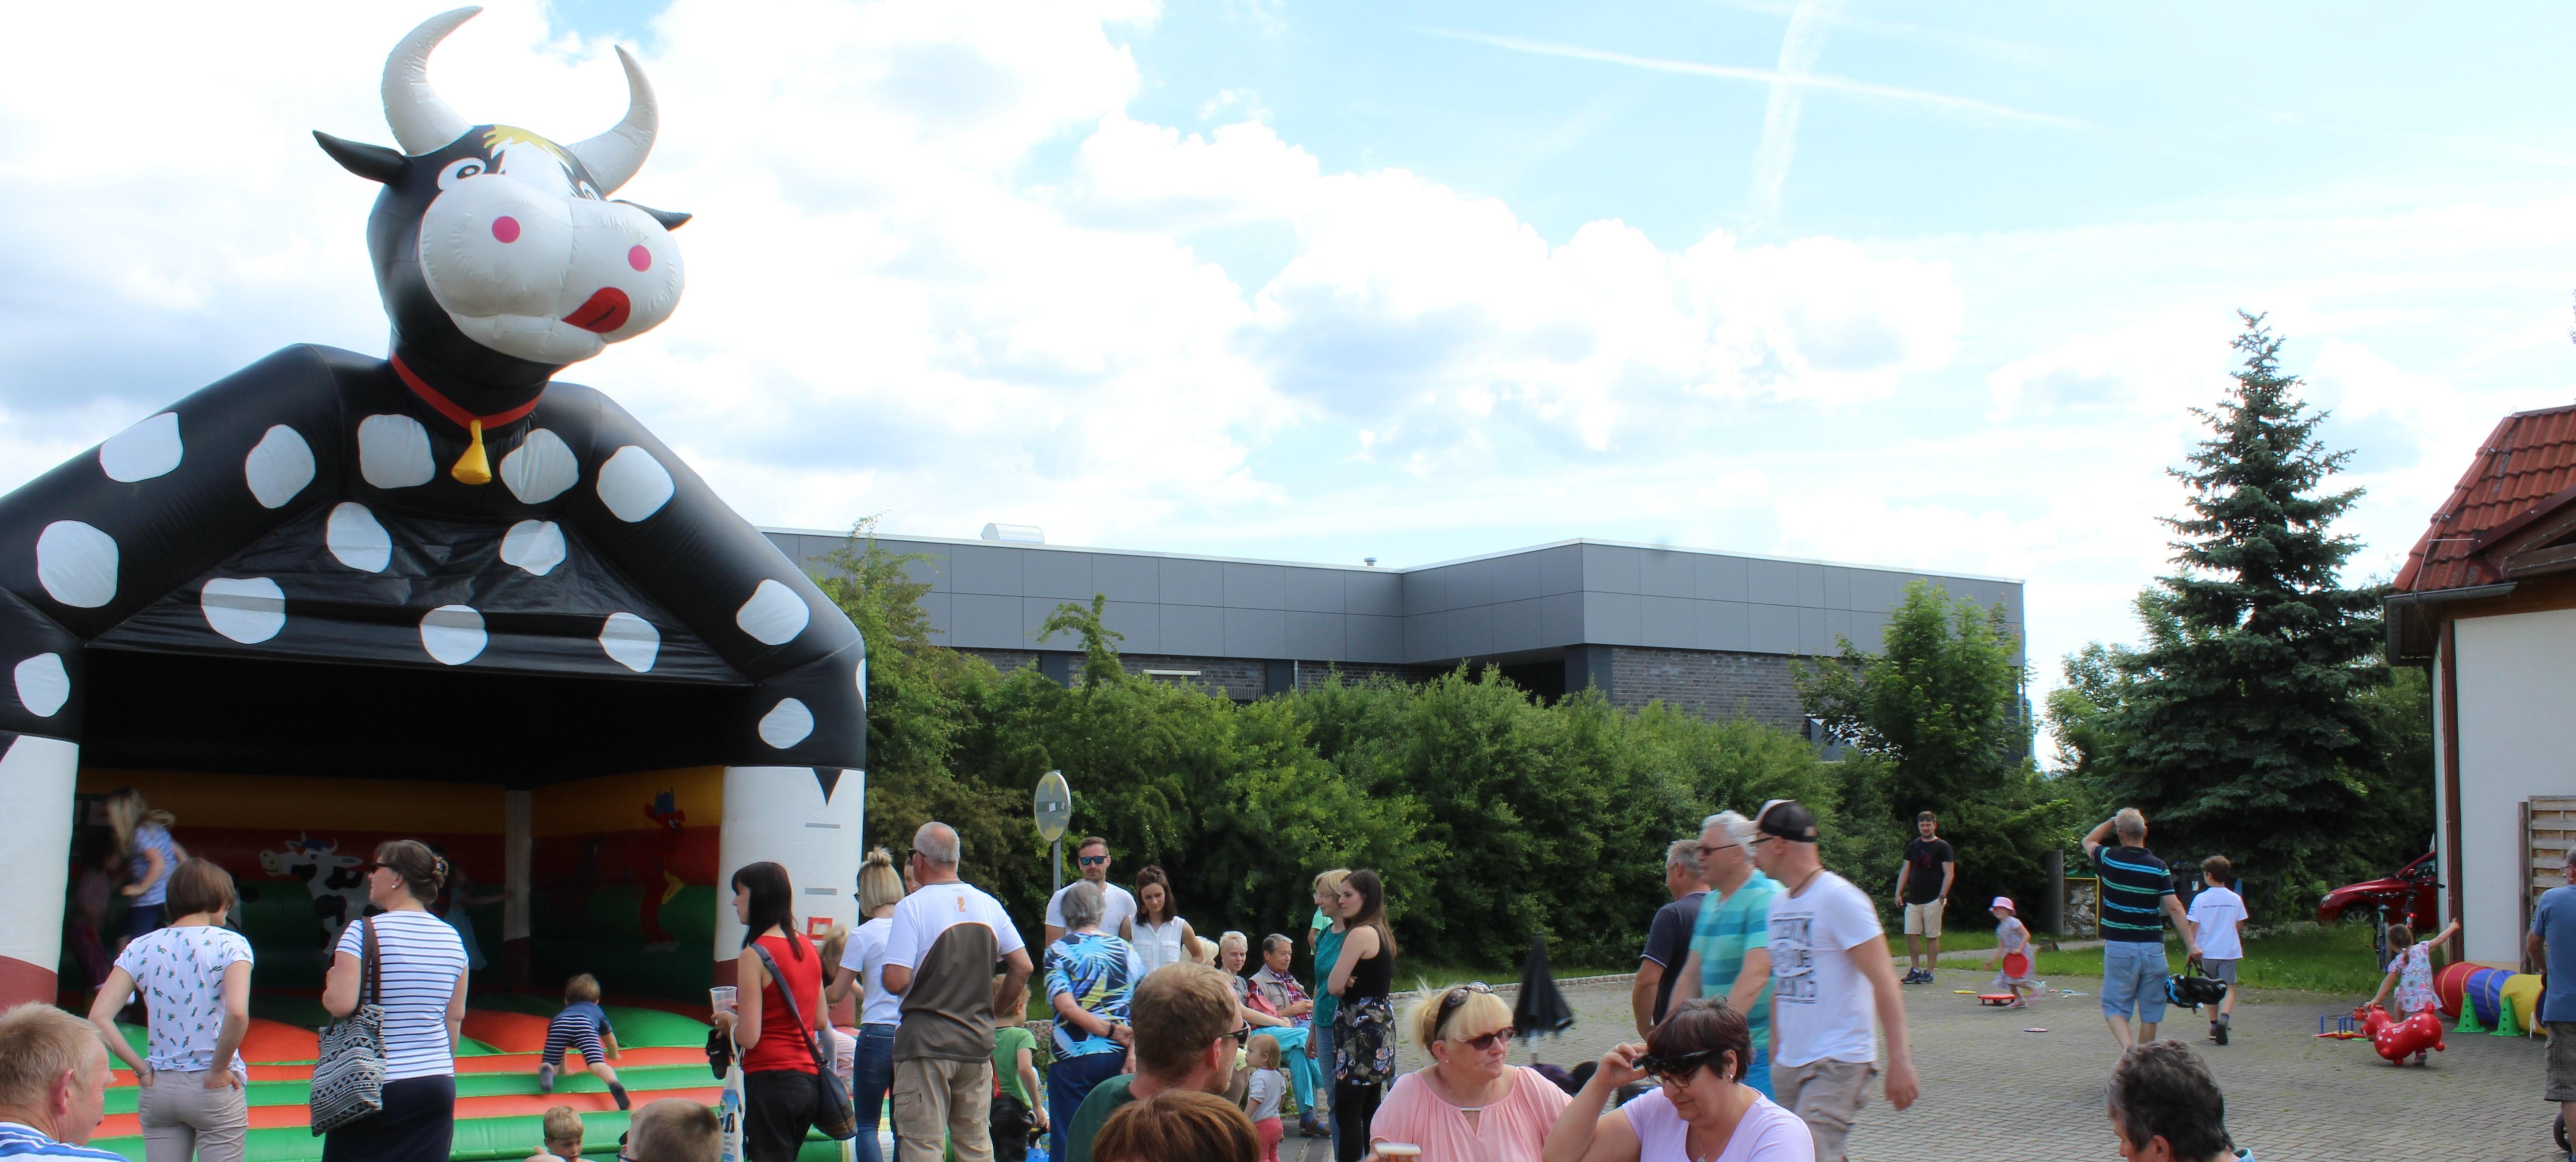 Kinderfest im Saalfelder Bauernmarkt